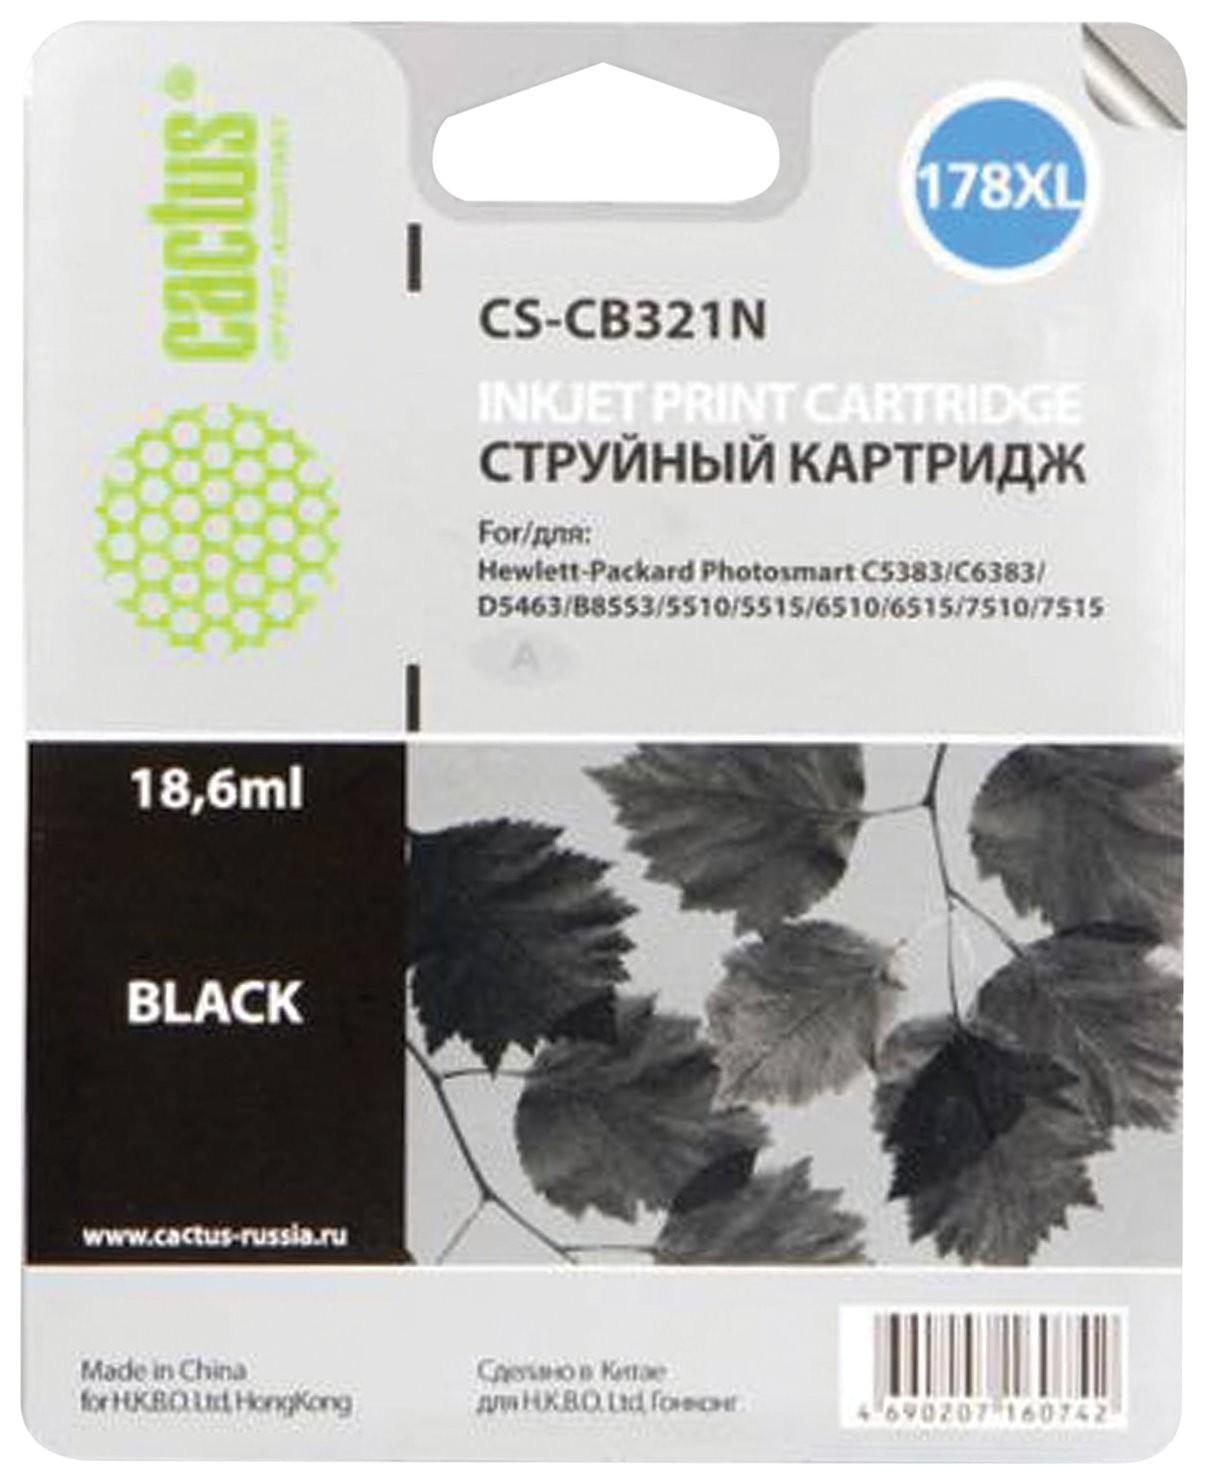 Картридж струйный Cactus (Cs-cb321/n) для Hp Photosmart 5510/6510/7510, черный  Cactus